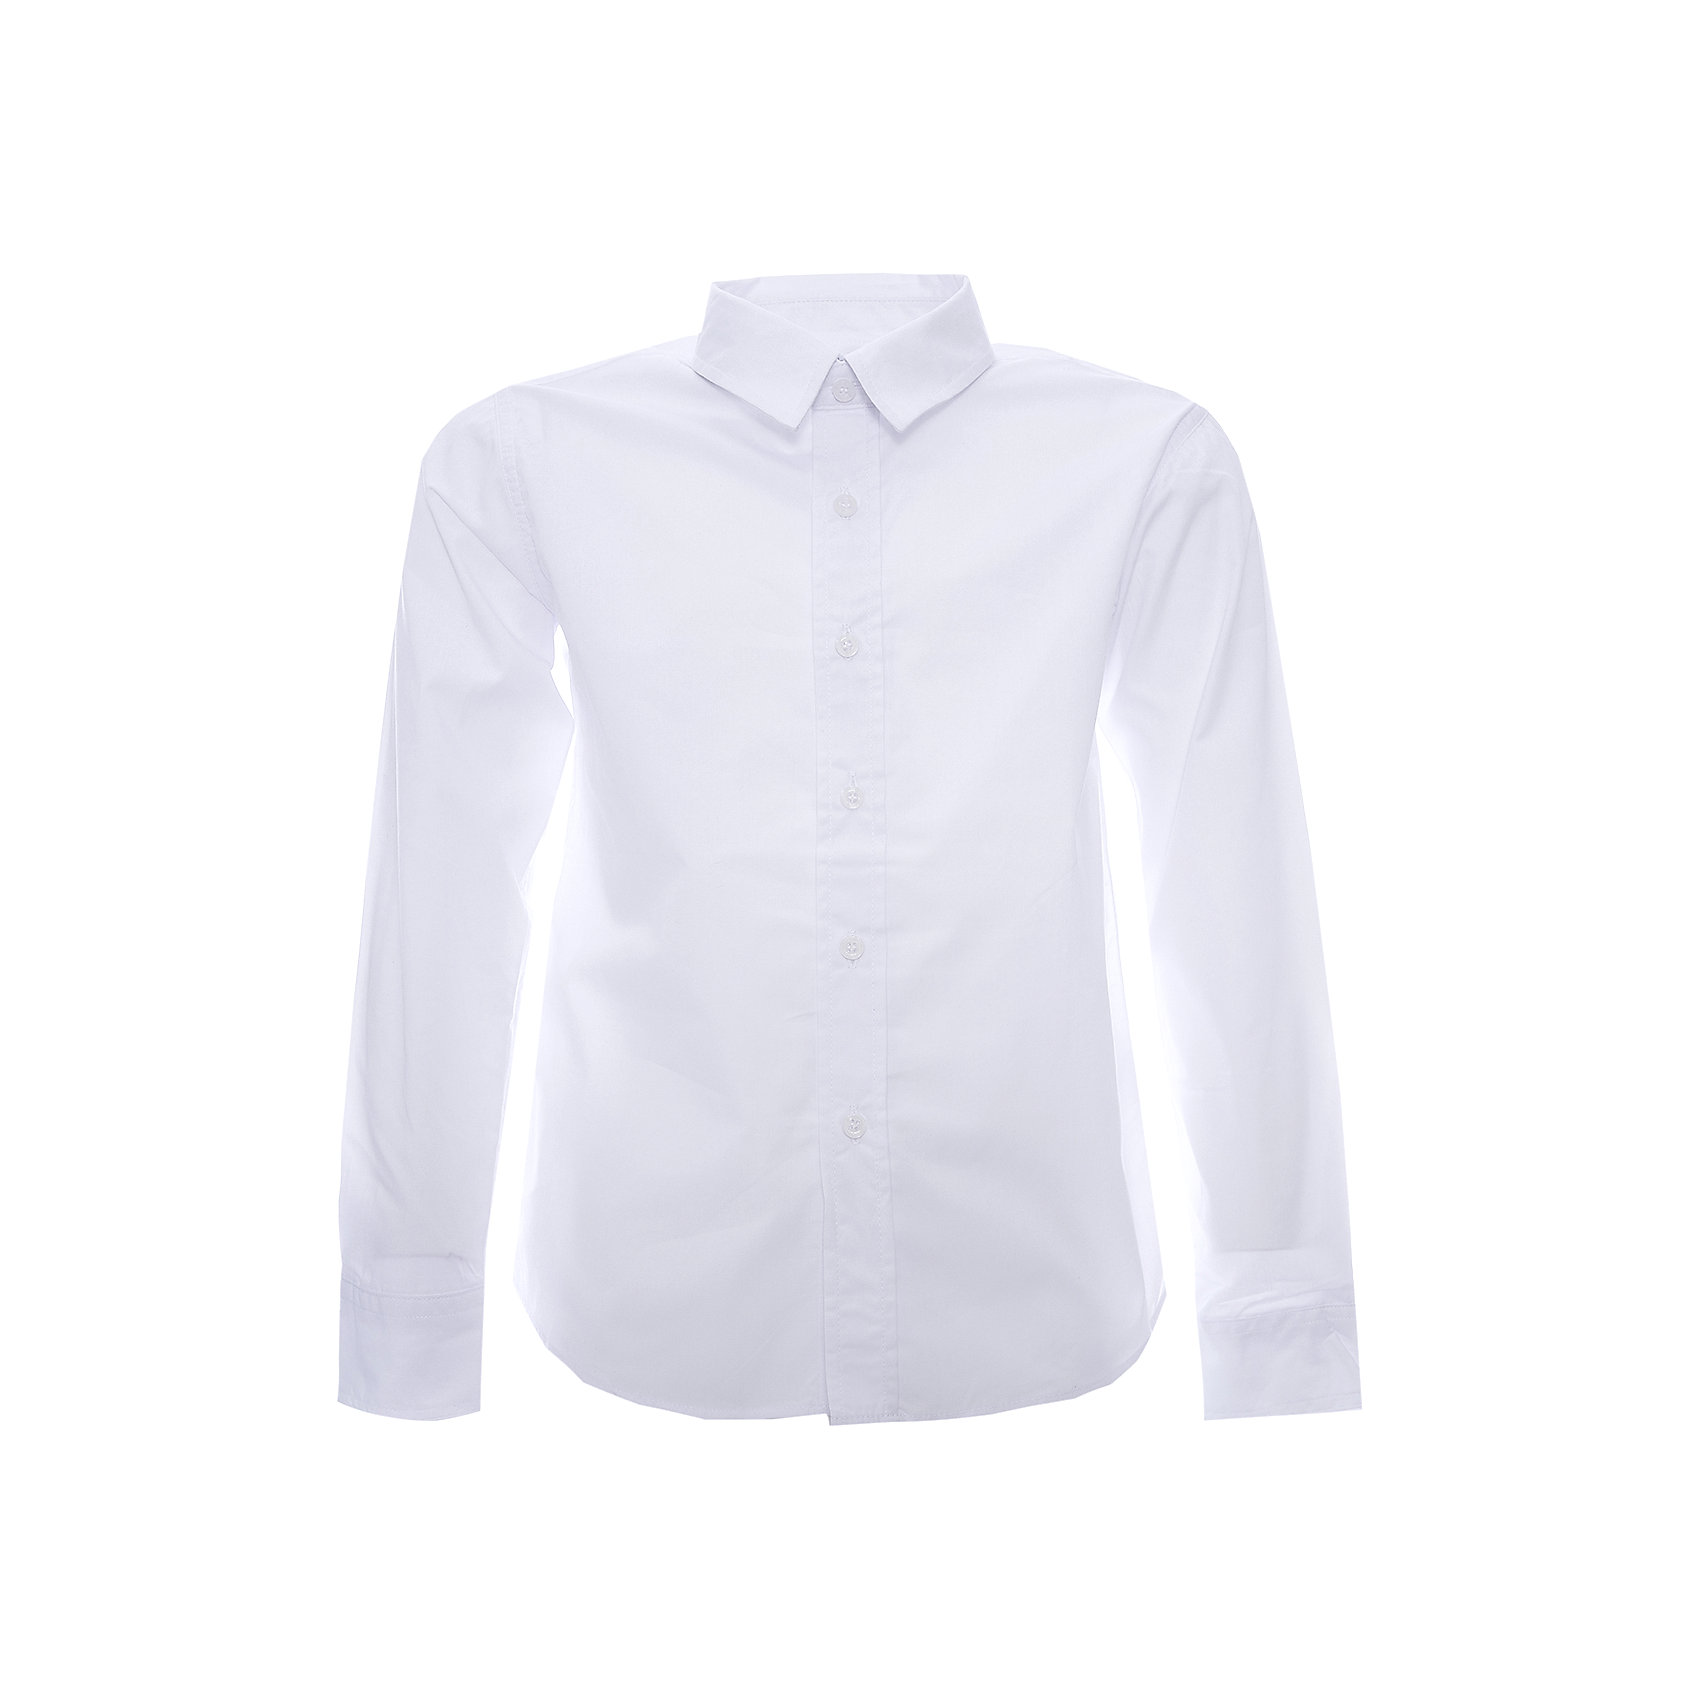 Рубашка для мальчика ScoolБлузки и рубашки<br>Рубашка для мальчика от известной марки Scool.<br>* стильная сорочка с длинным рукавом<br>* отложной воротник классической формы<br>* застежка - пуговицы<br>* манжеты на одной пуговице<br>Состав:<br>60% хлопок, 40% полиэстер<br><br>Ширина мм: 174<br>Глубина мм: 10<br>Высота мм: 169<br>Вес г: 157<br>Цвет: белый<br>Возраст от месяцев: 108<br>Возраст до месяцев: 120<br>Пол: Мужской<br>Возраст: Детский<br>Размер: 140,152,158,164,146,134,128<br>SKU: 4140533